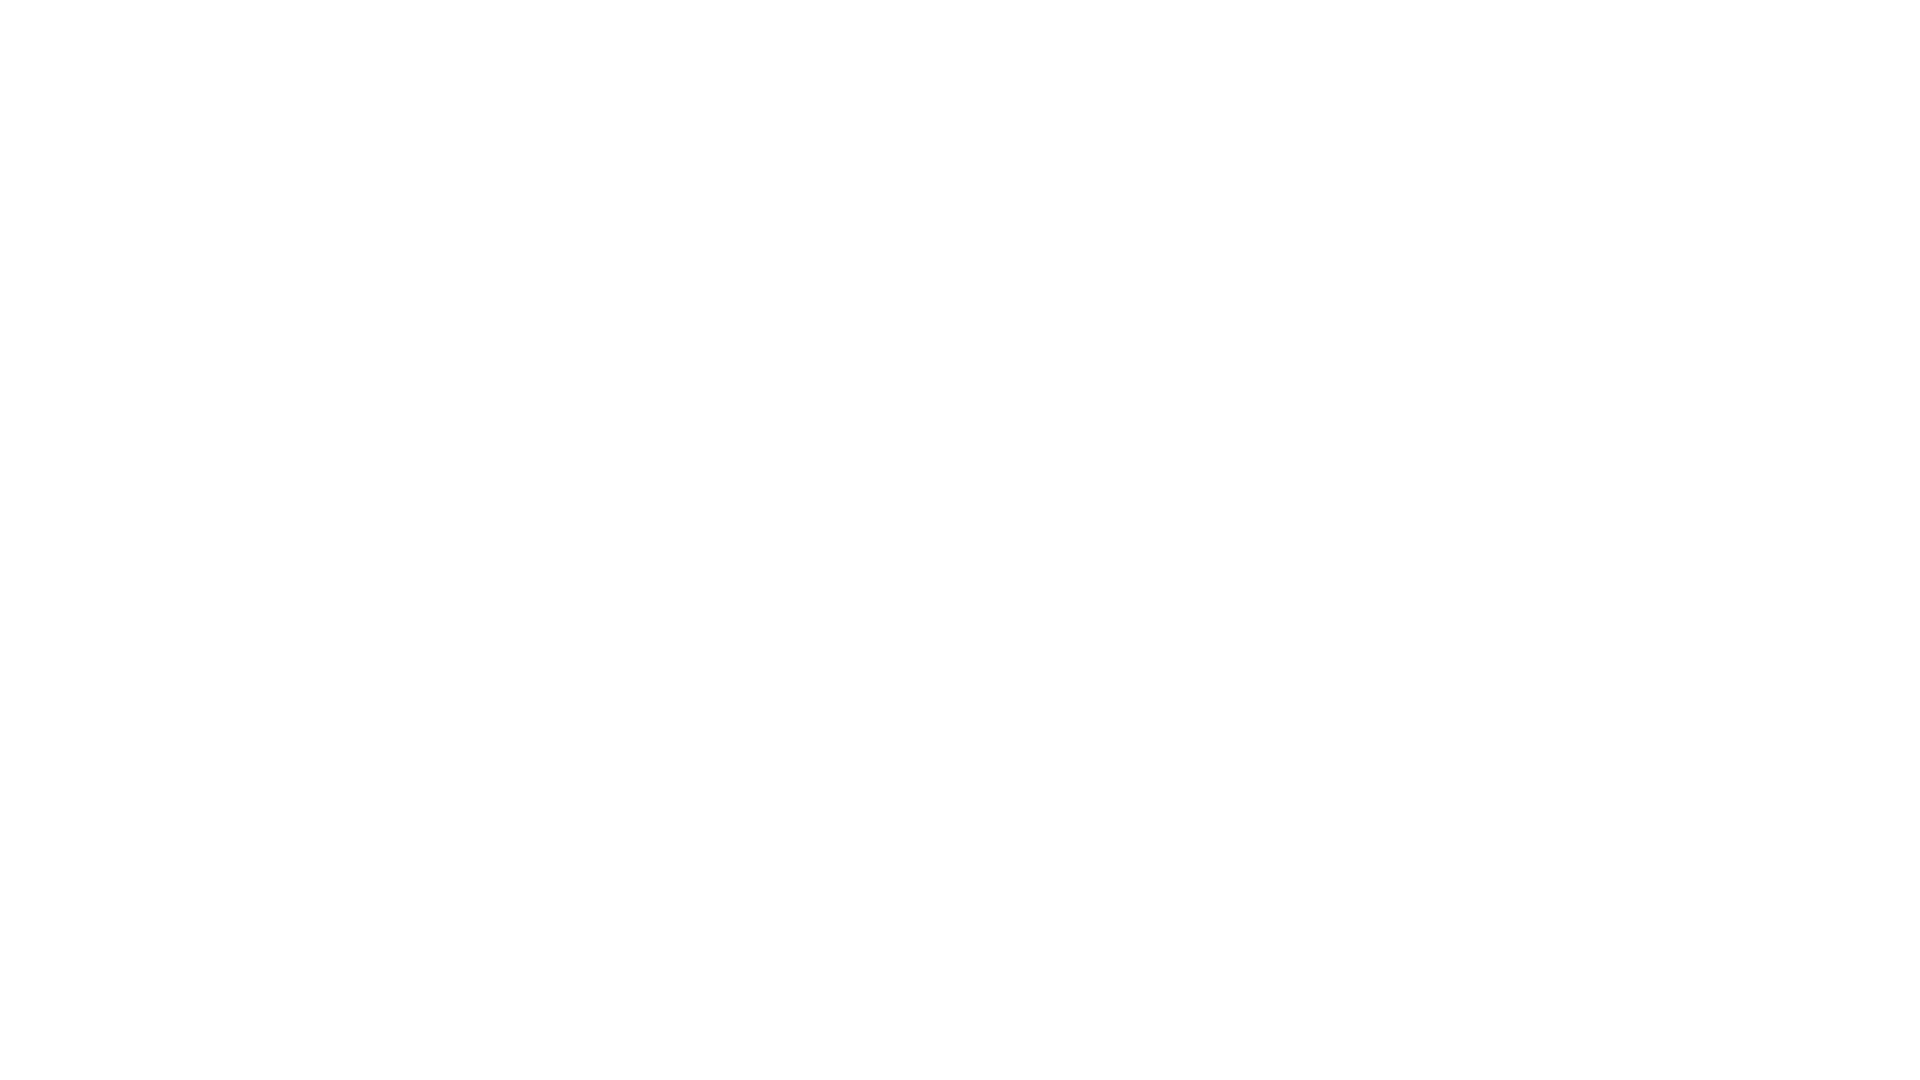 至高下半身盗撮-PREMIUM-【院内病棟編 】VOL1 盗撮  63PIX 12